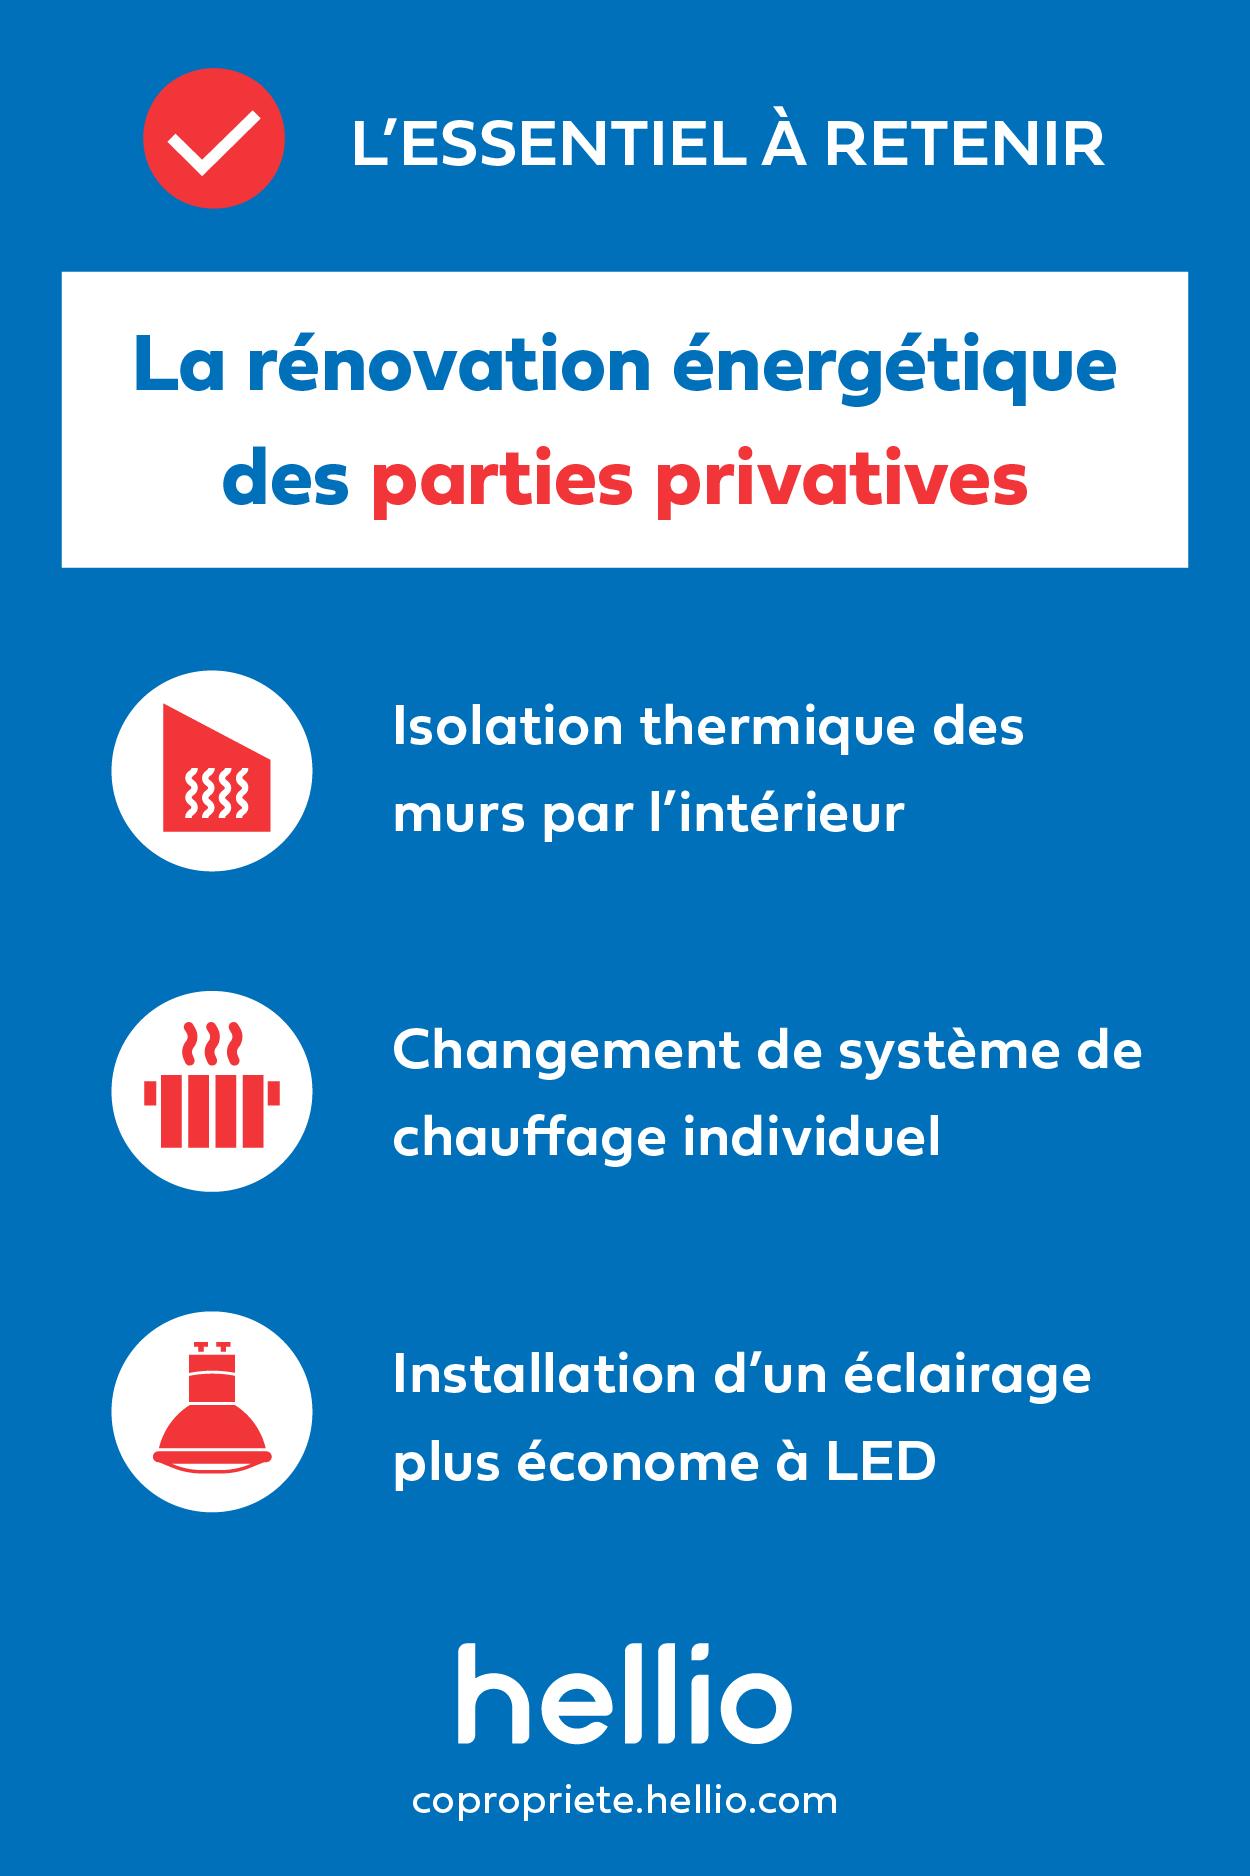 infographie-essentiel-retenir-hellio-copropriete-travaux-parties-privatives